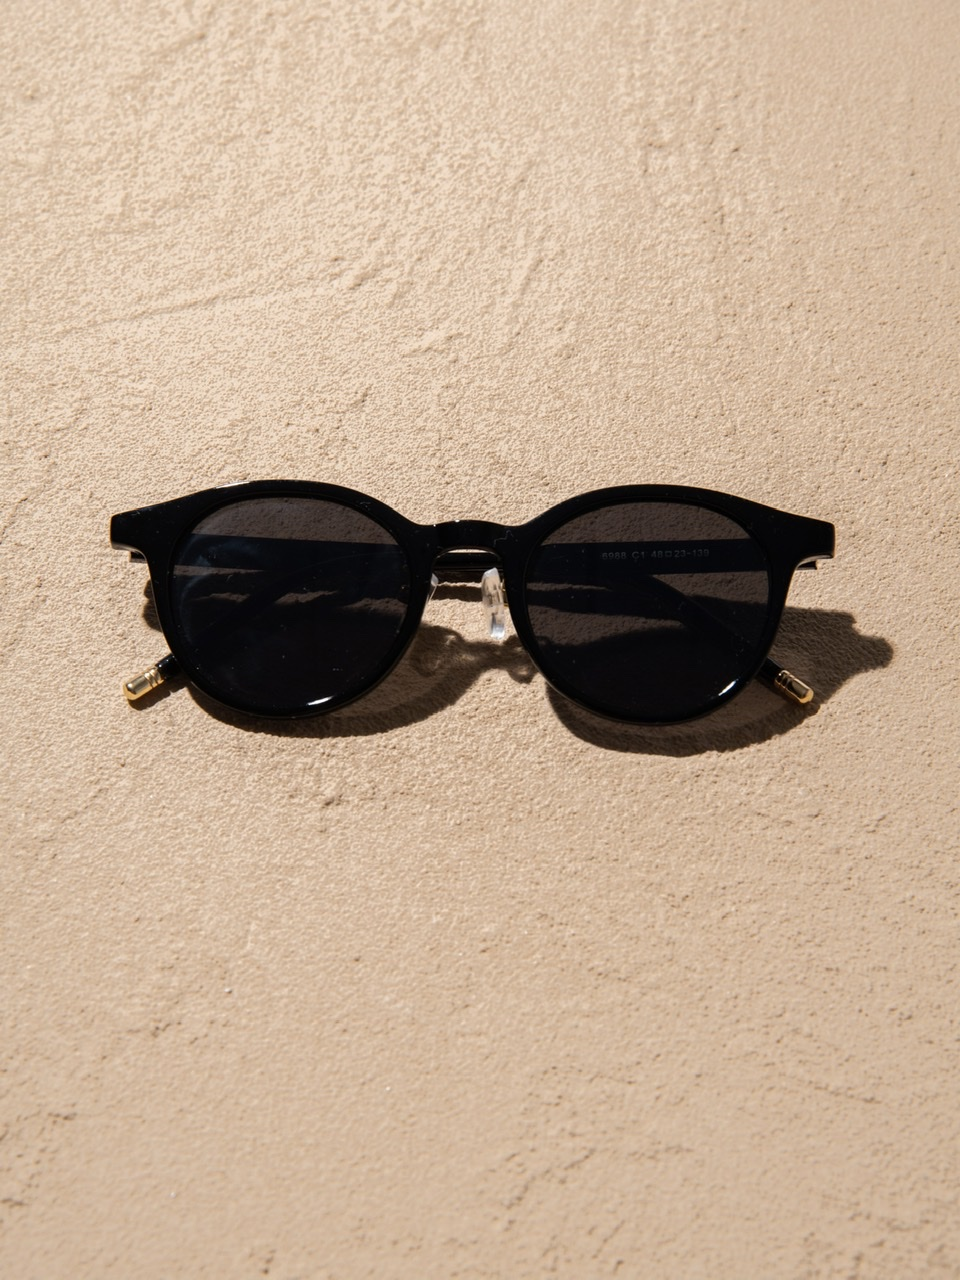 boston sunglasses